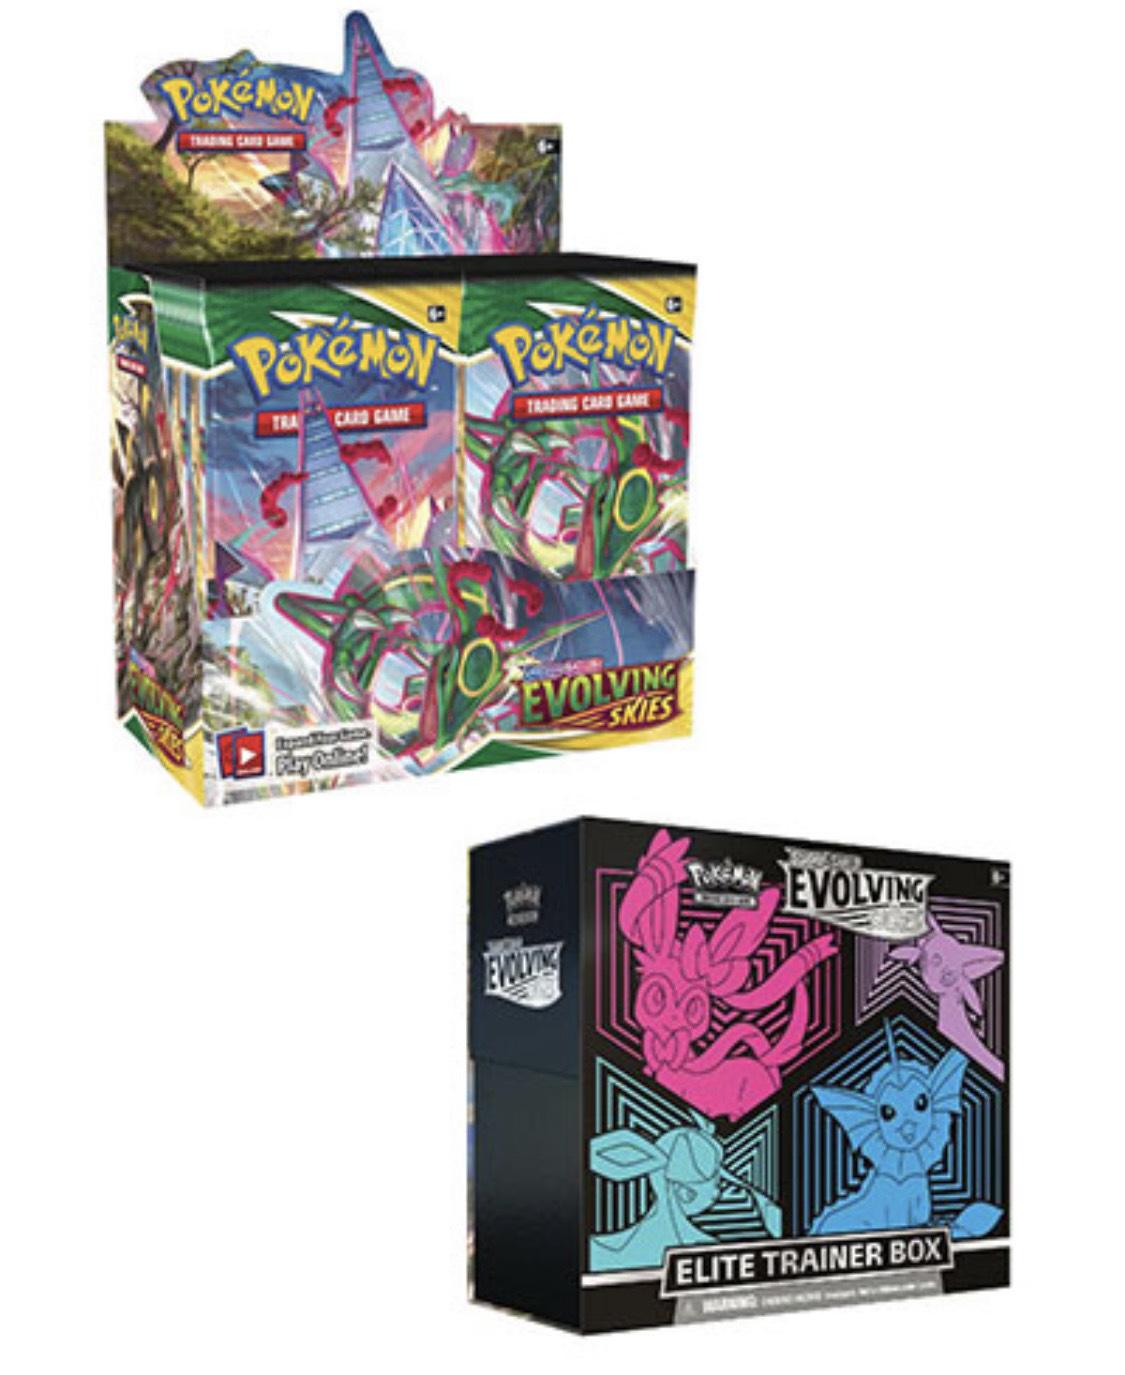 Pokemon Evolving Skies Booster Box und Elite Trainer Box Kombi Deal (unter UVP)